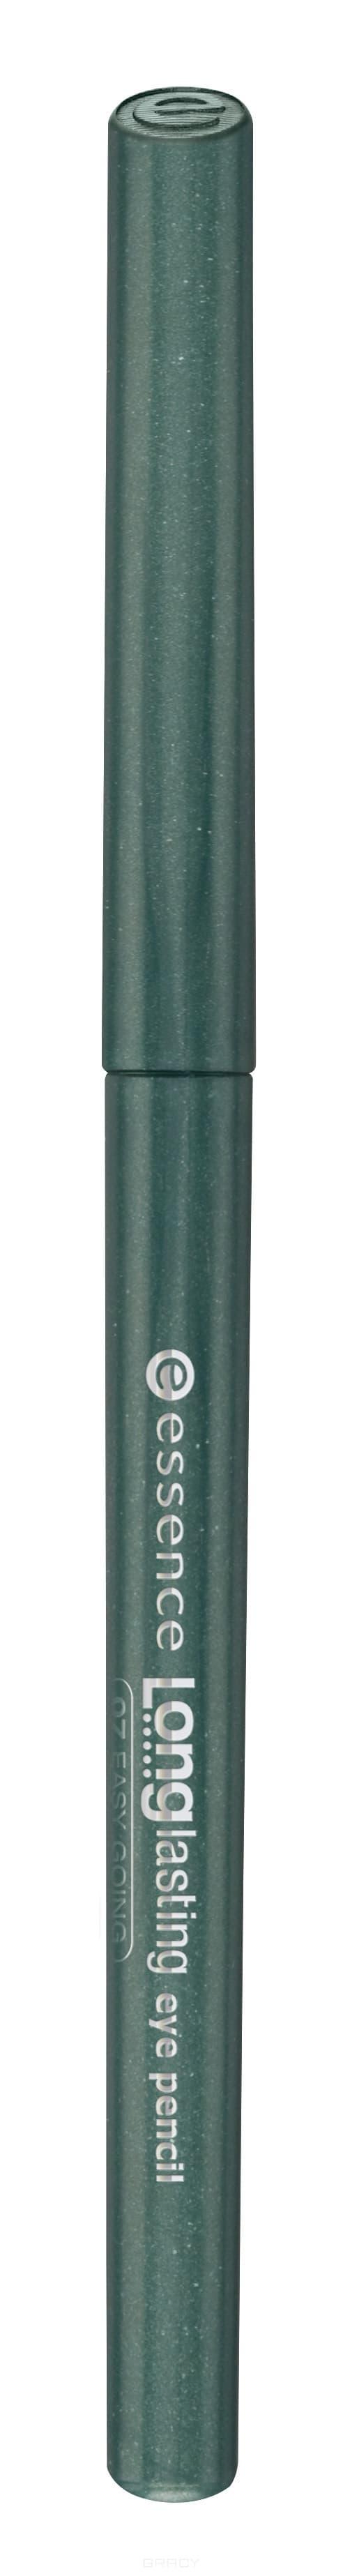 Купить Essence, Карандаш для глаз Long Lasting, 0.28 гр (15 цветов) №12, зеленый